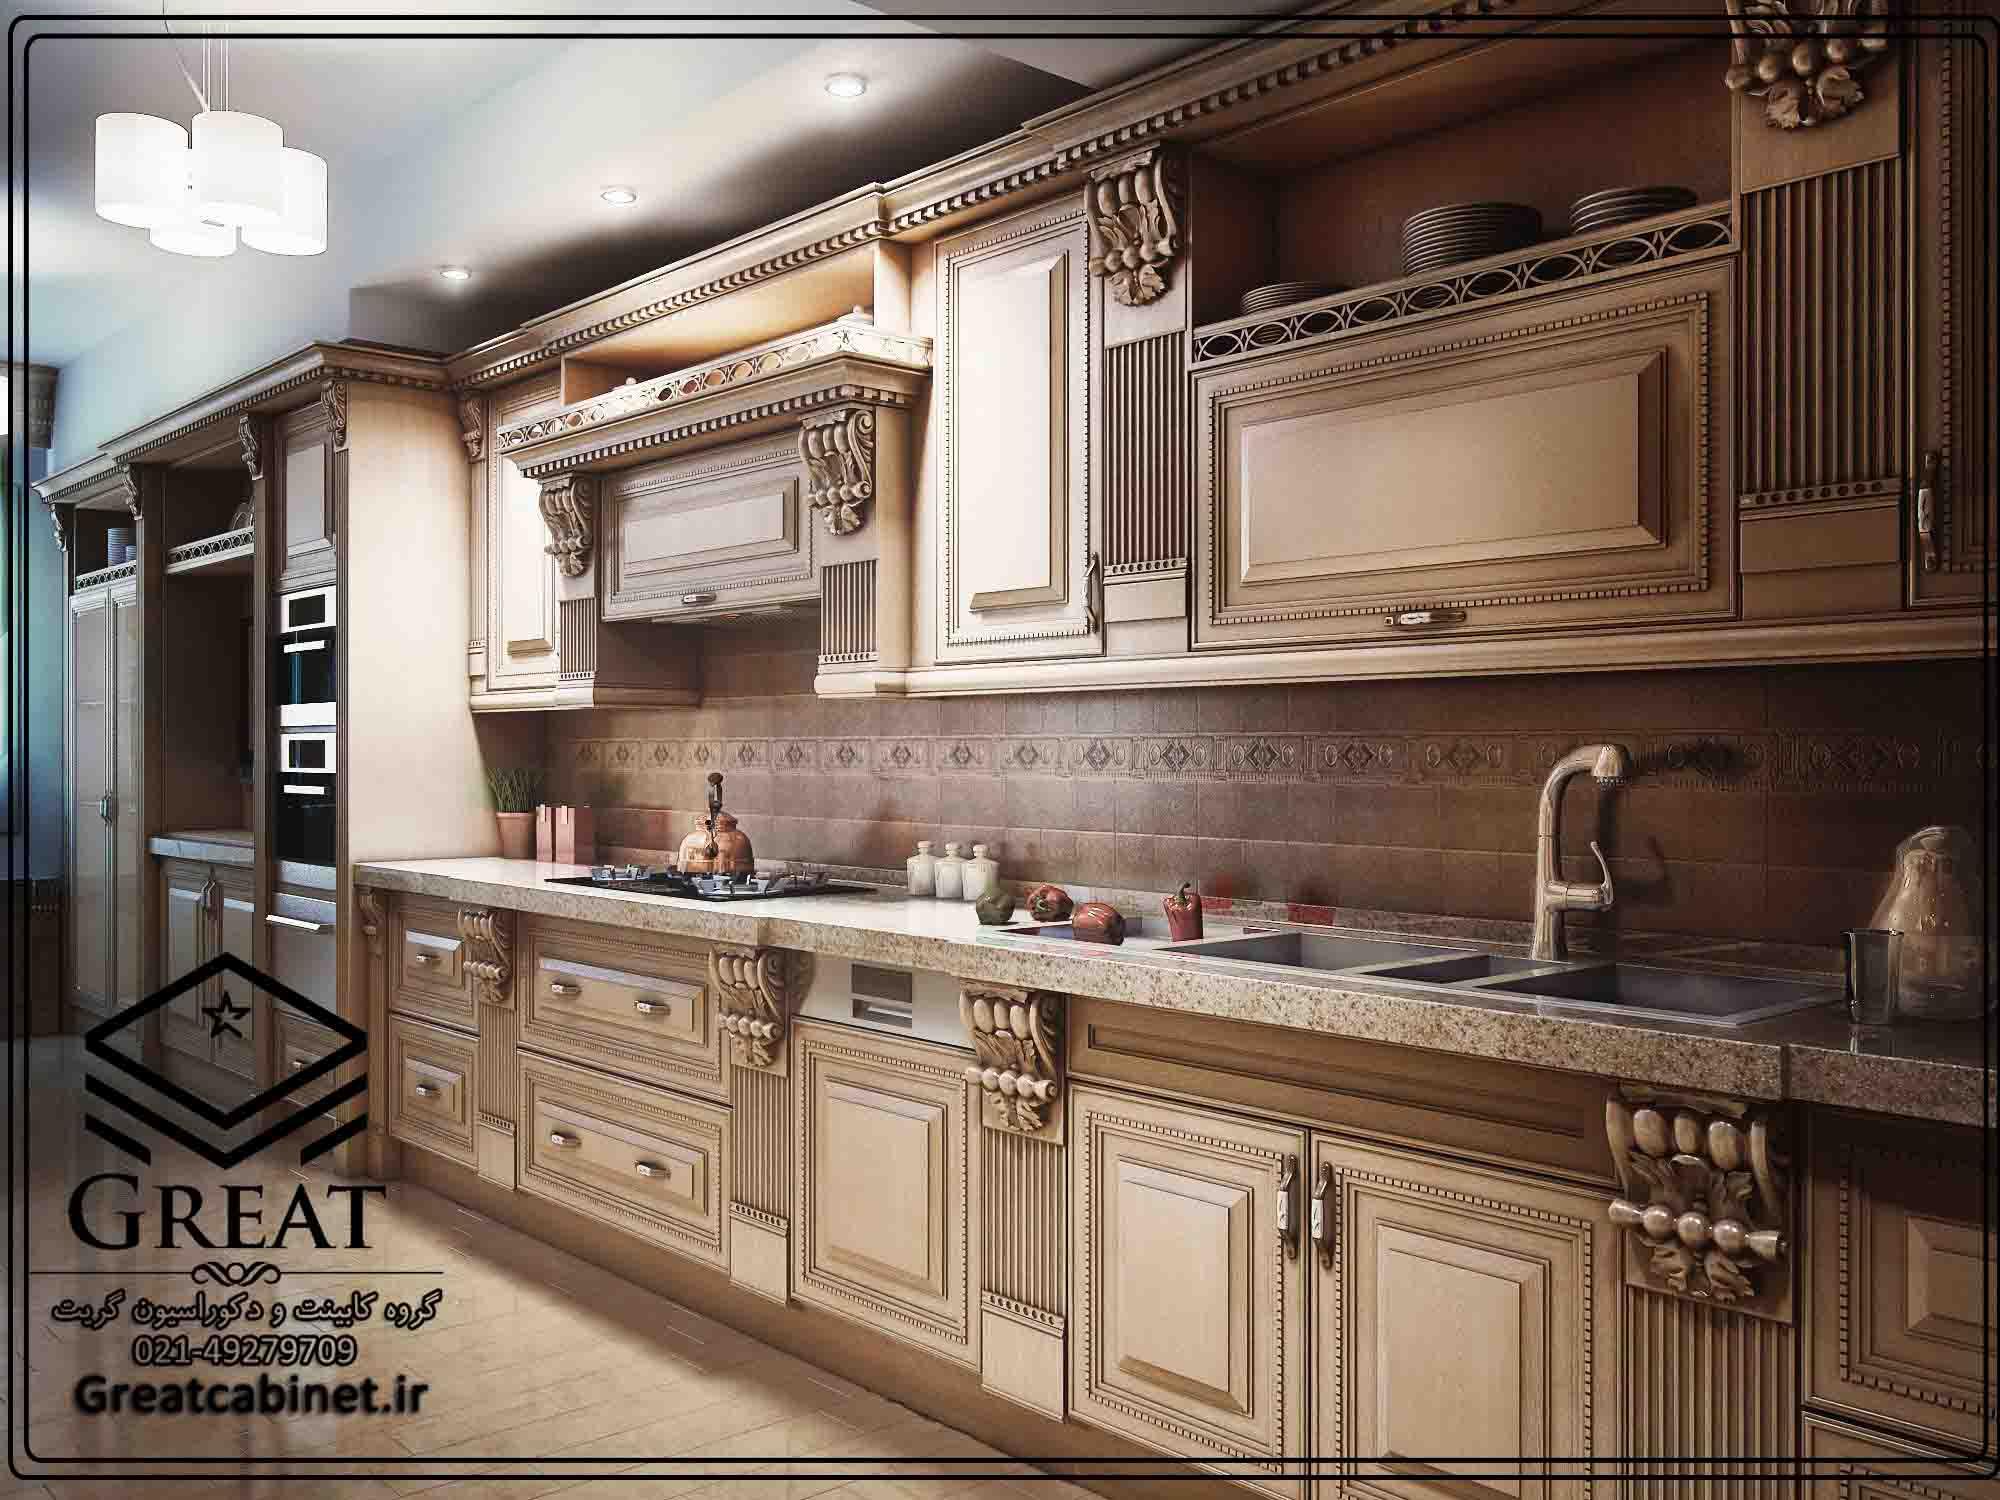 کابینت مدرن کلاسیک چوبی